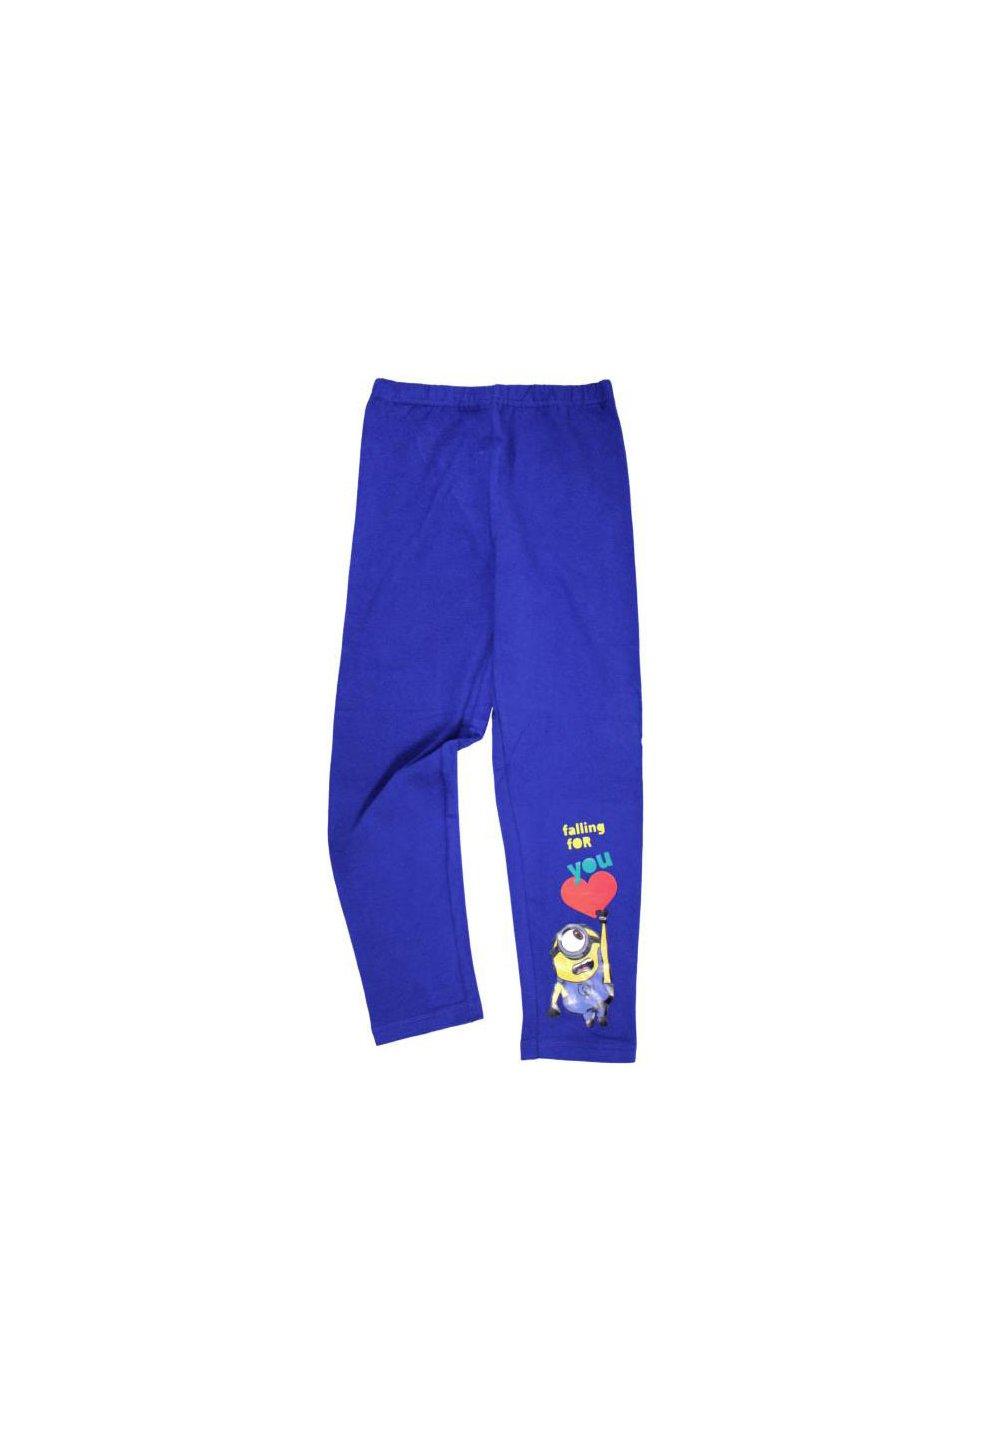 Colanti albastri, Minioni imagine